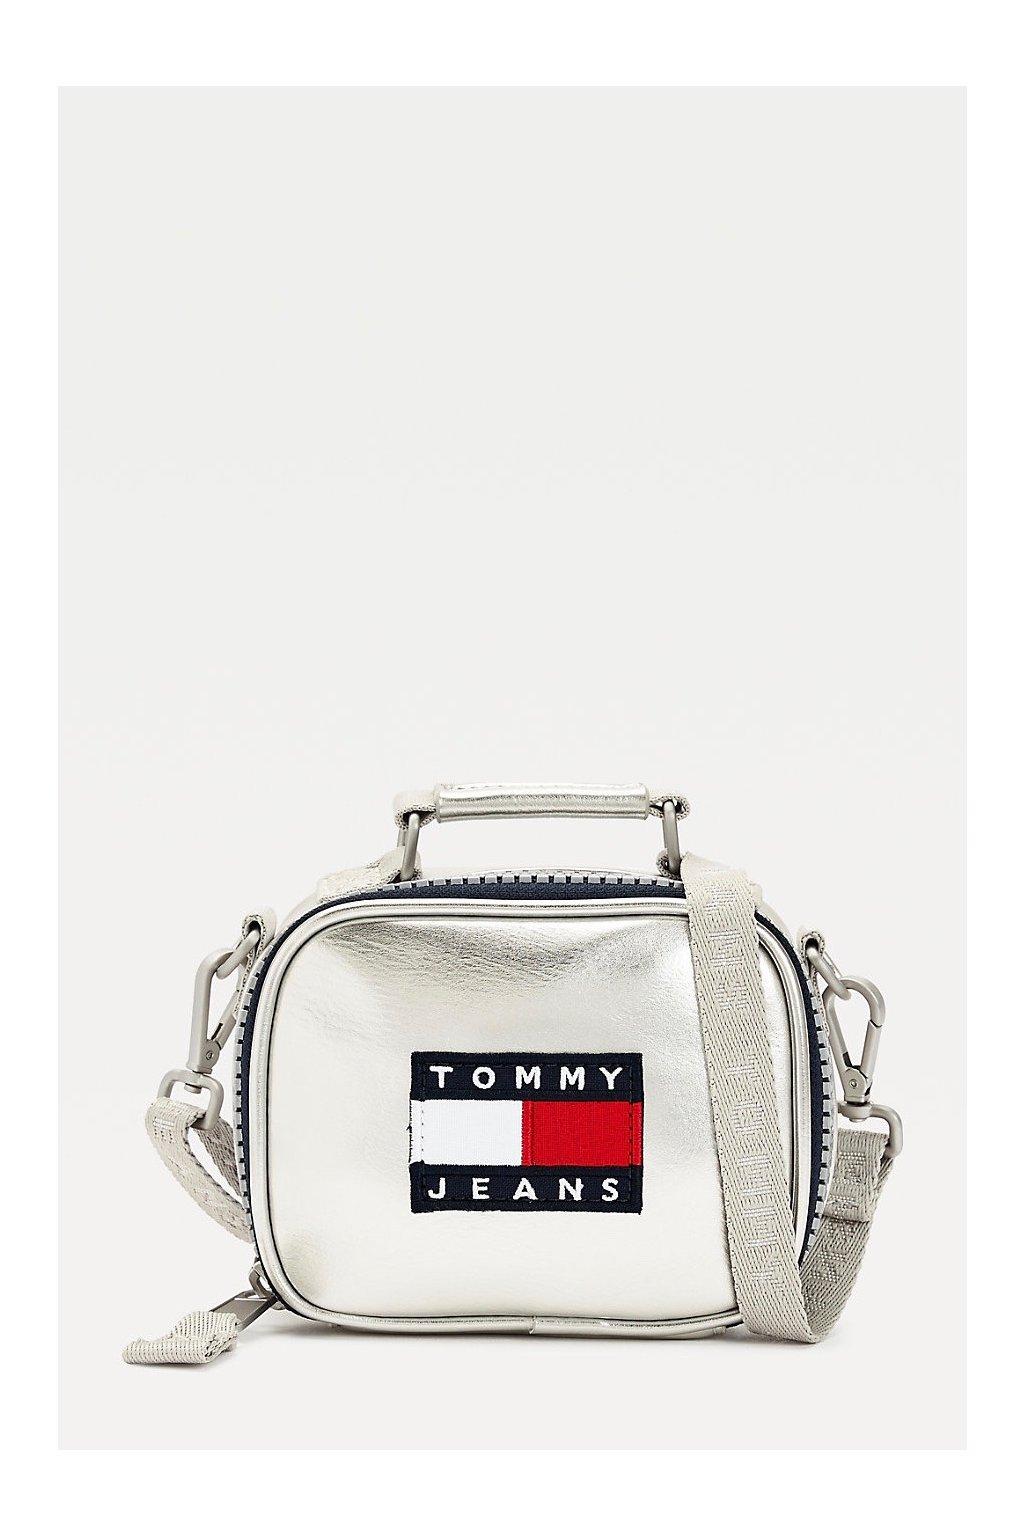 Tommy Jeans nano kabelka dámská - metalická